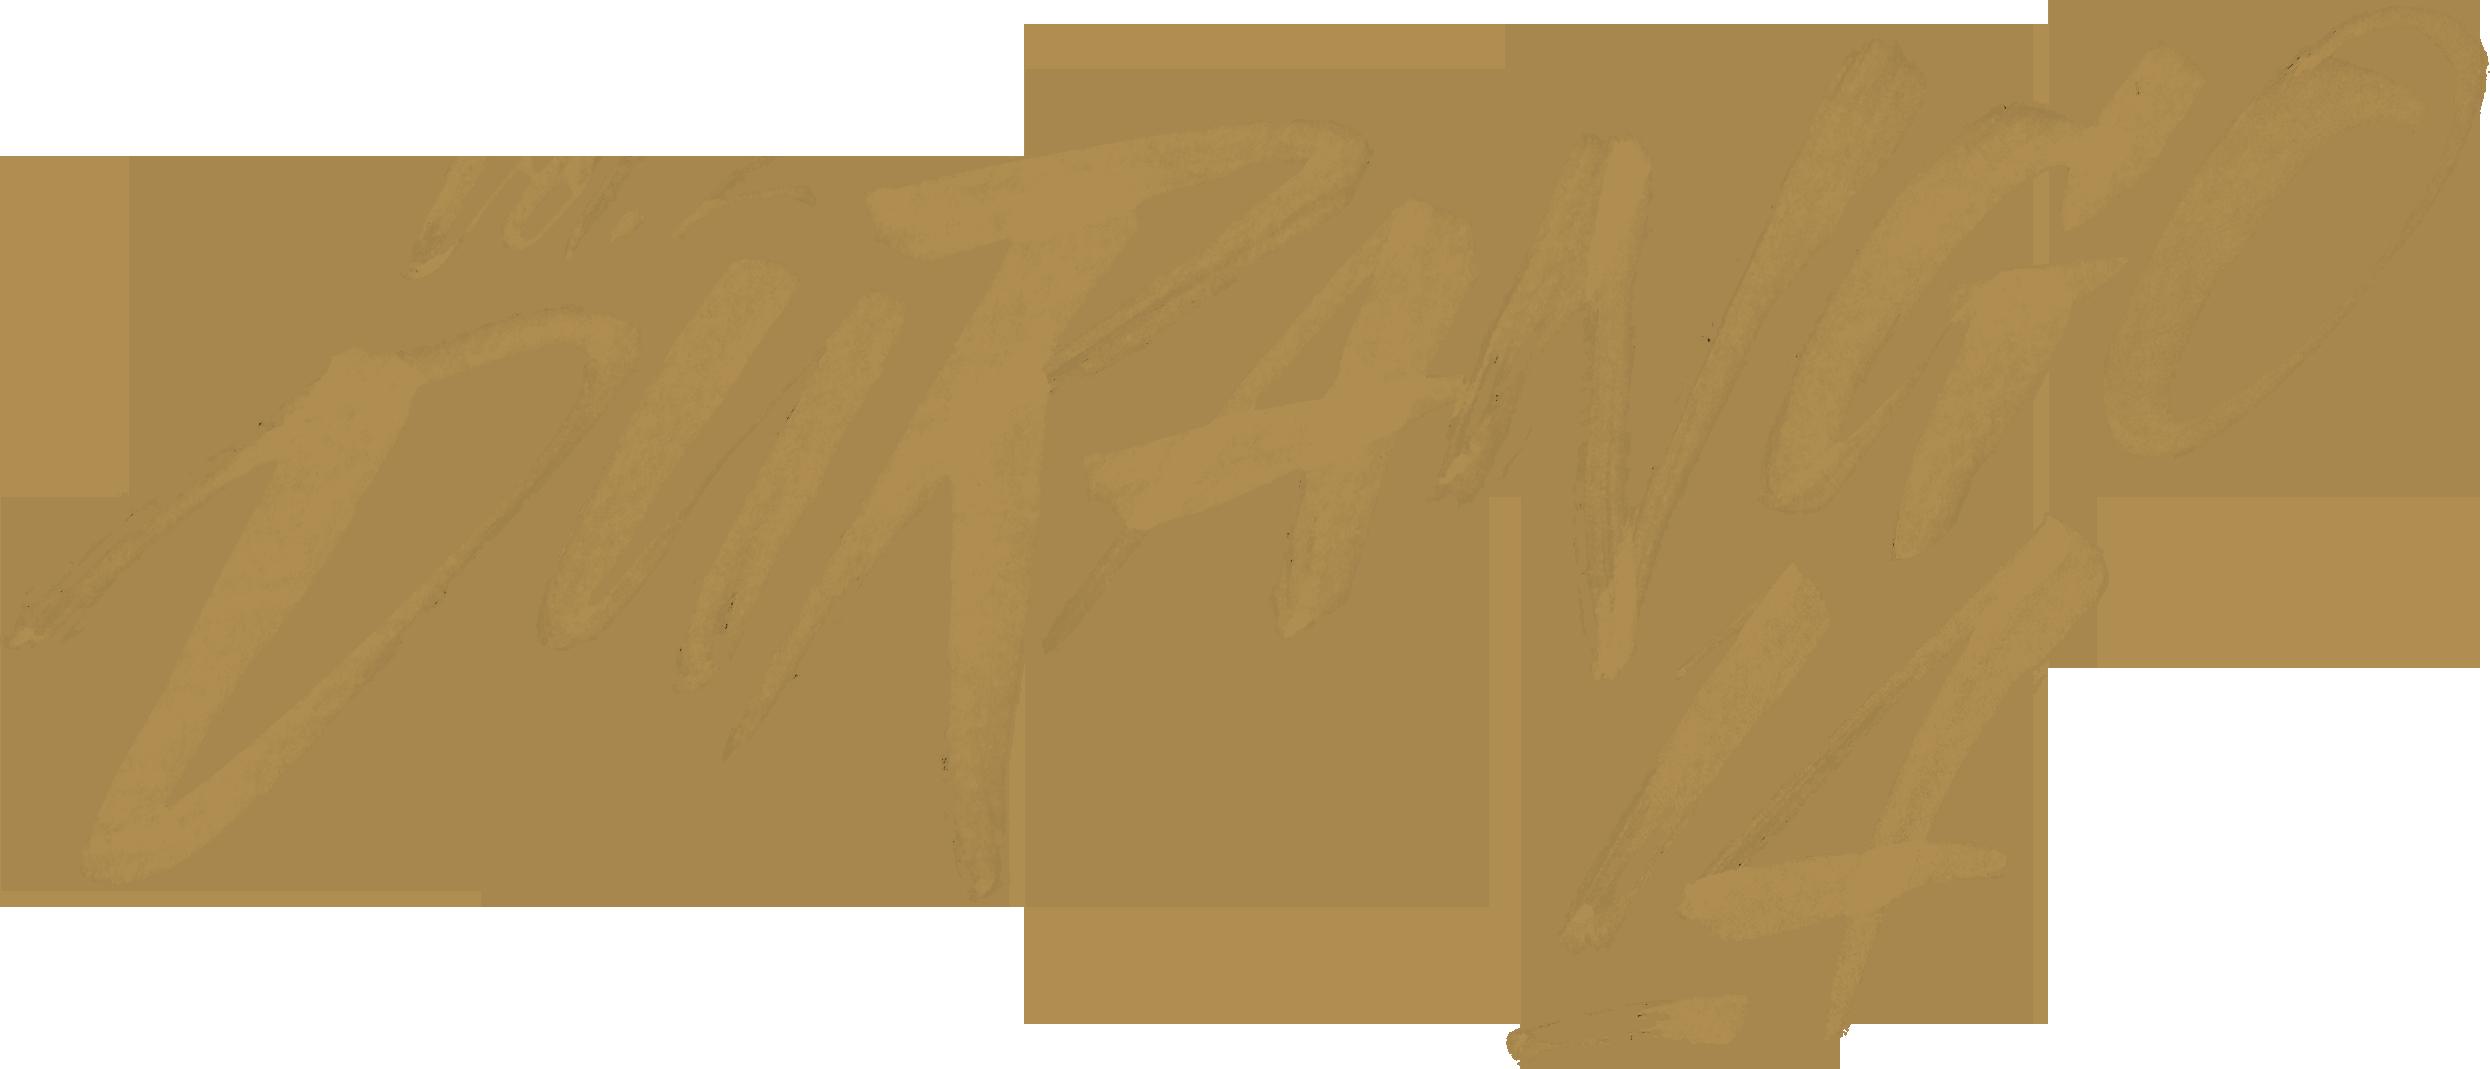 Pagina oficial de Durango14